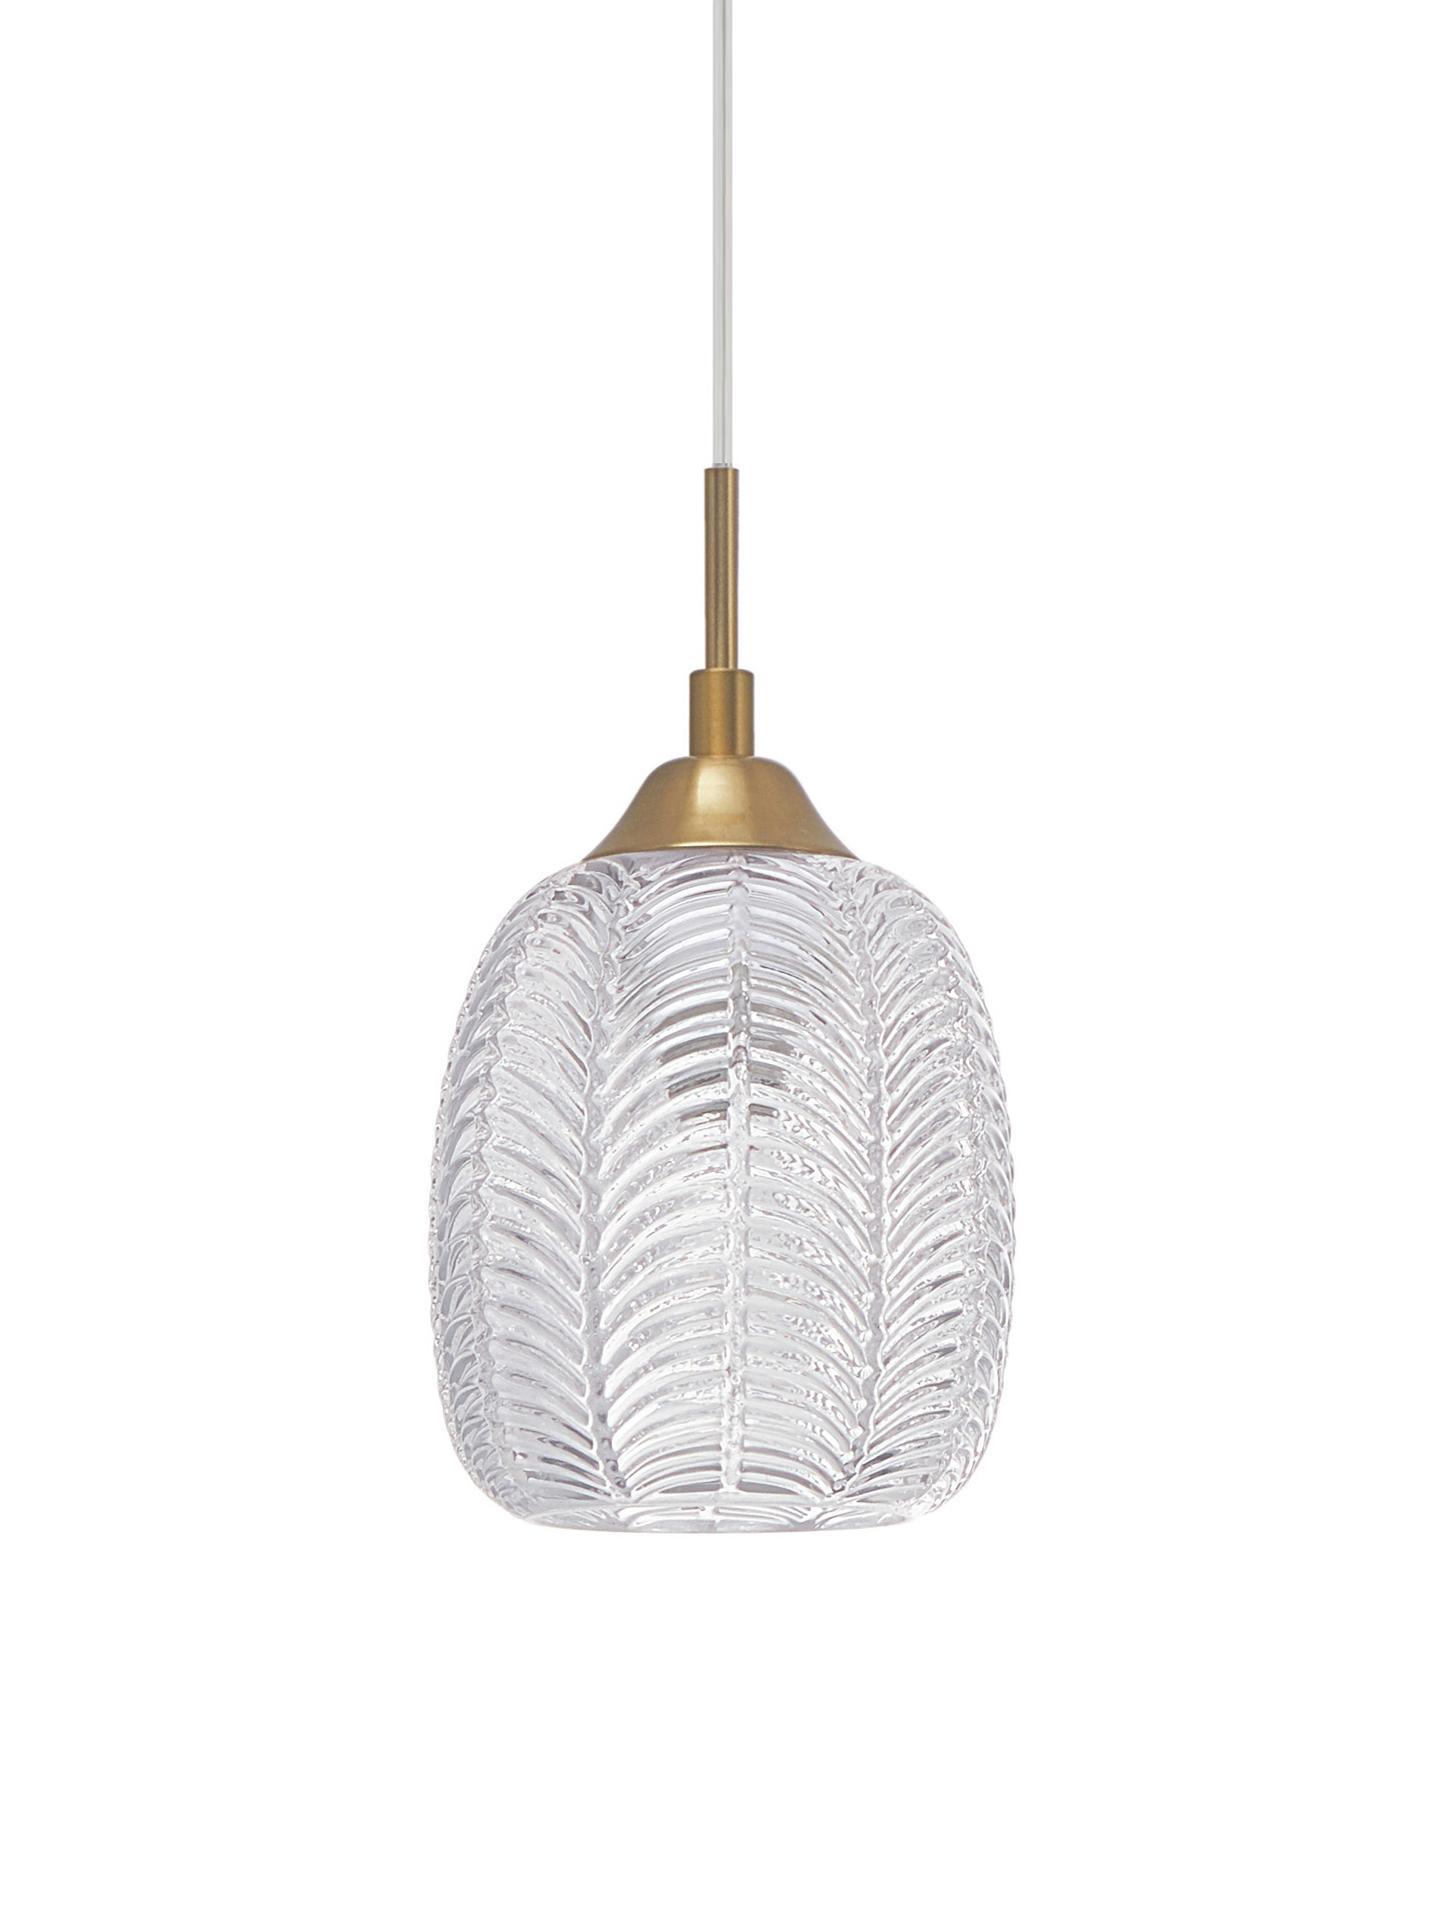 Lampada a sospensione in vetro Vario, Paralume: vetro satinato, Baldacchino: alluminio rivestito, Ottone, trasparente, Ø 14 x Alt. 120 cm